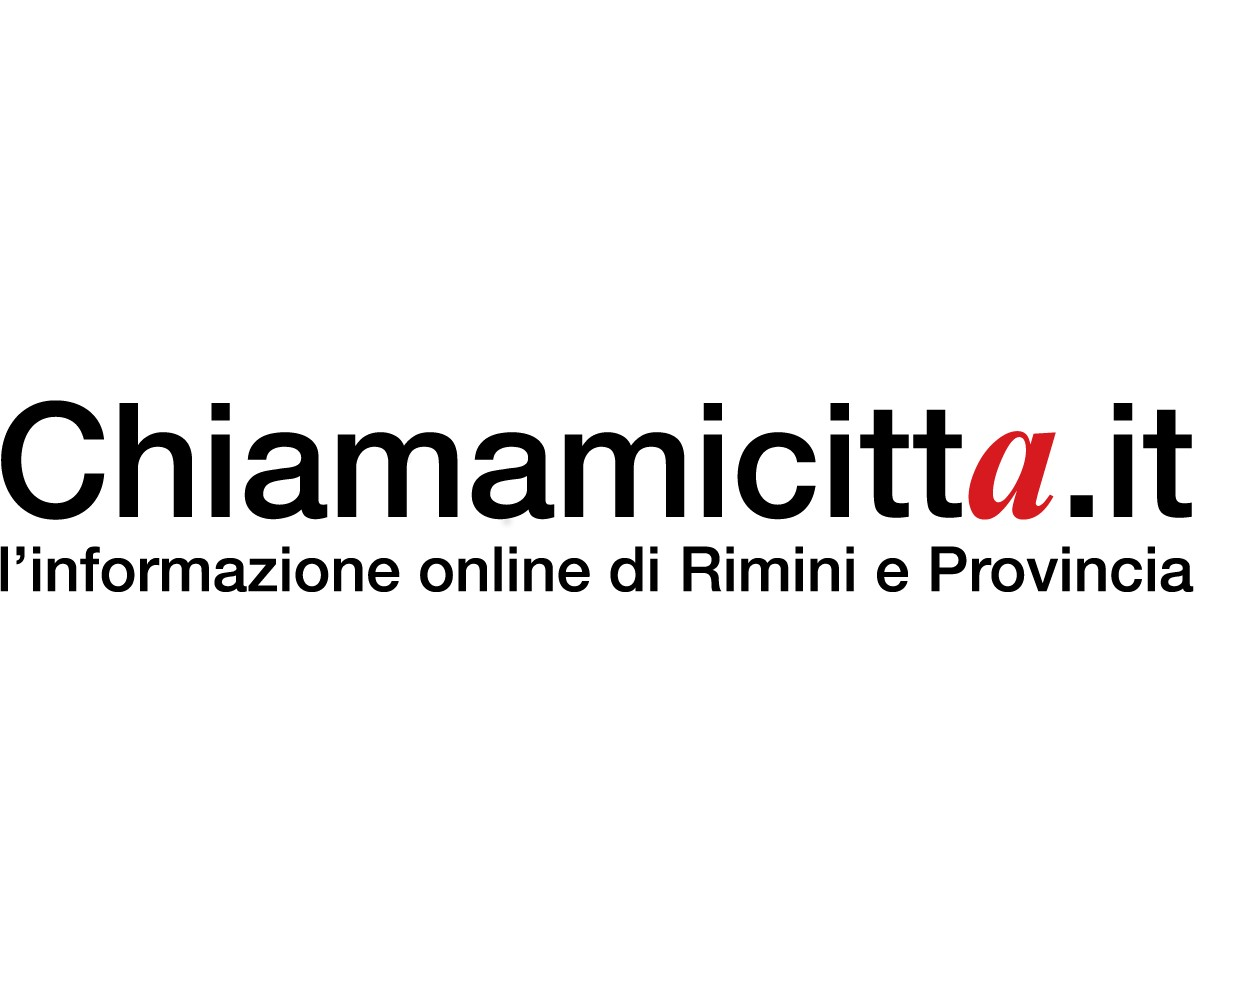 Chiamamicitta.it